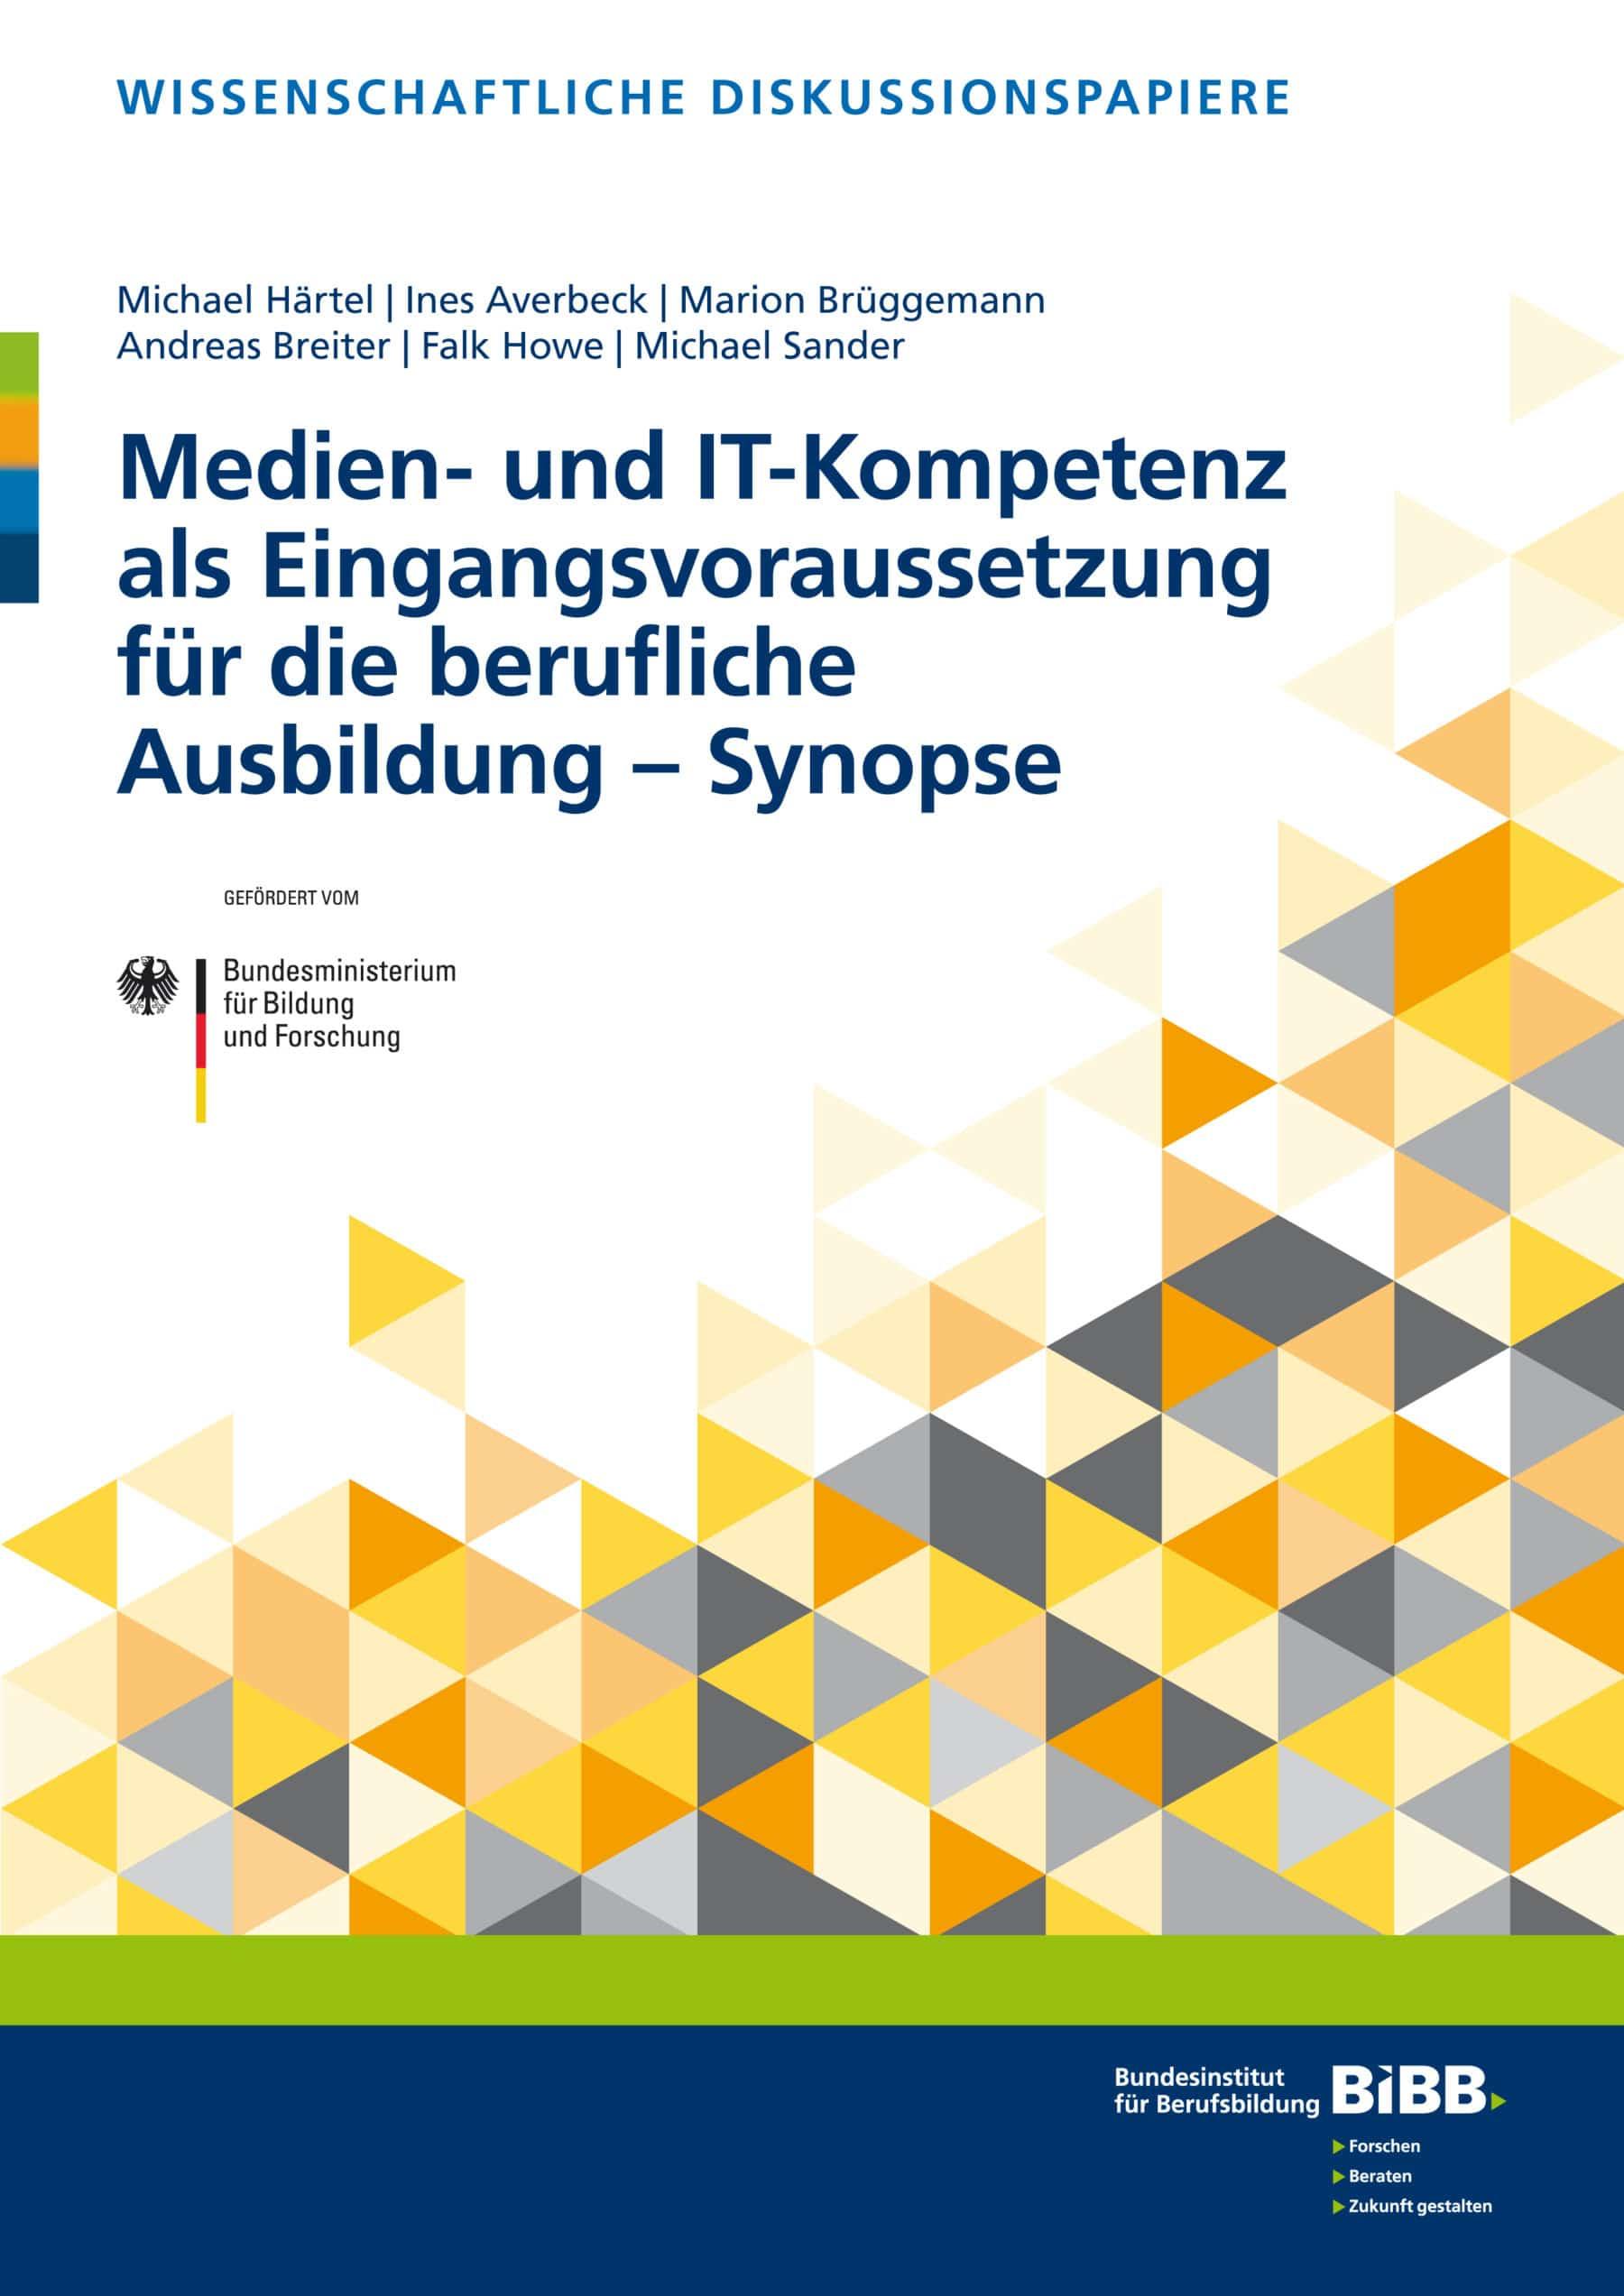 Medien- und IT-Kompetenz als Eingangsvoraussetzung für die berufliche Ausbildung – Synopse